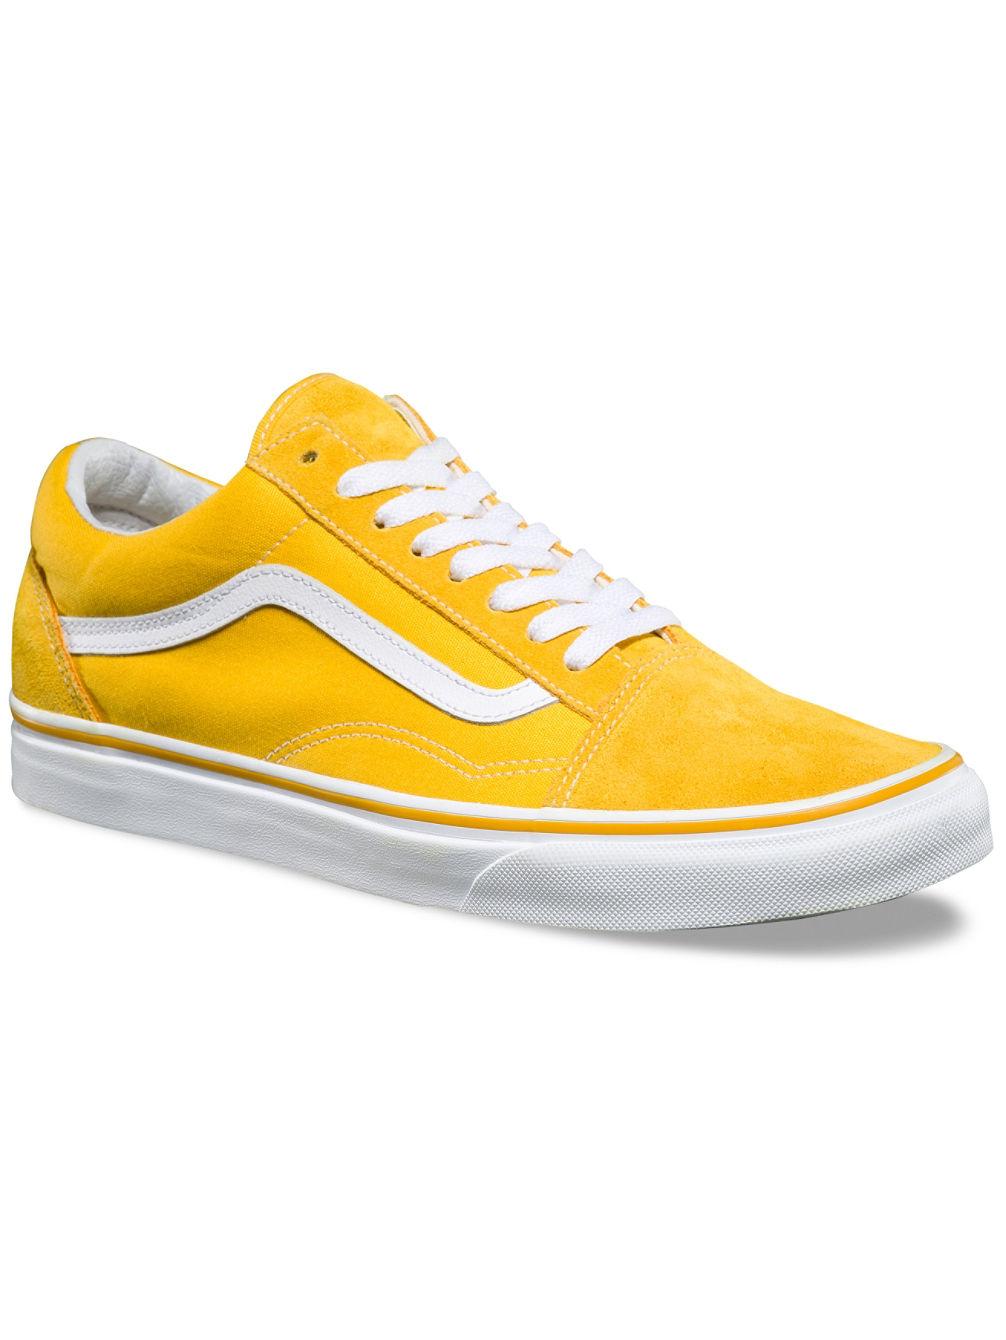 546b015cee Buy Vans Suede   Canvas Old Skool Sneakers online at Blue Tomato